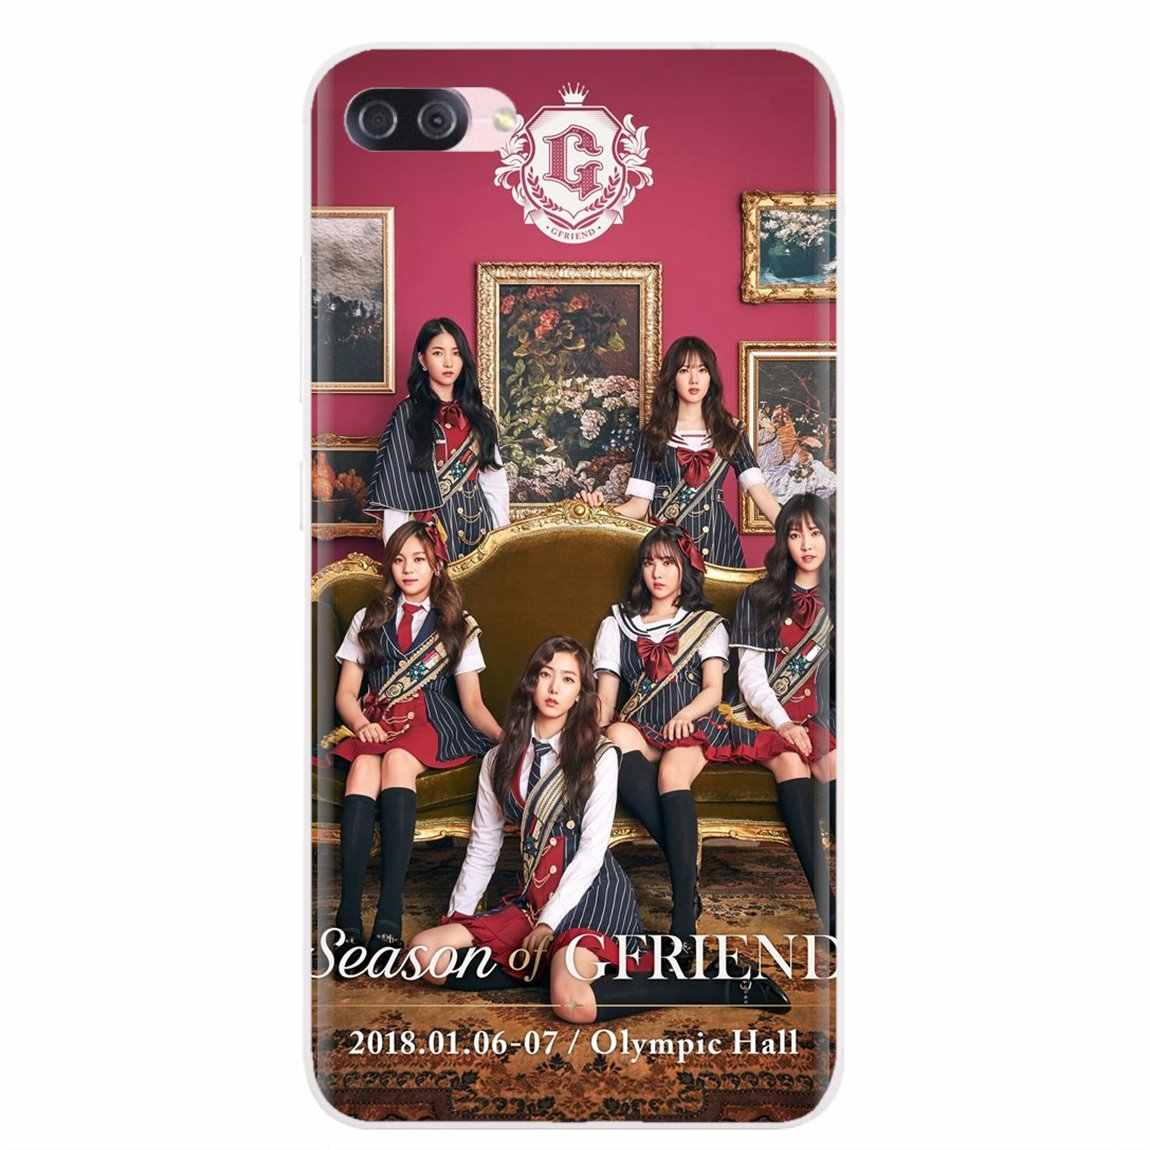 אישית סיליקון טלפון מקרה GFriend Kpop עבור Samsung Galaxy הערה 2 3 4 5 8 9 S2 S3 S4 S5 מיני S6 S7 קצה S8 S9 בתוספת